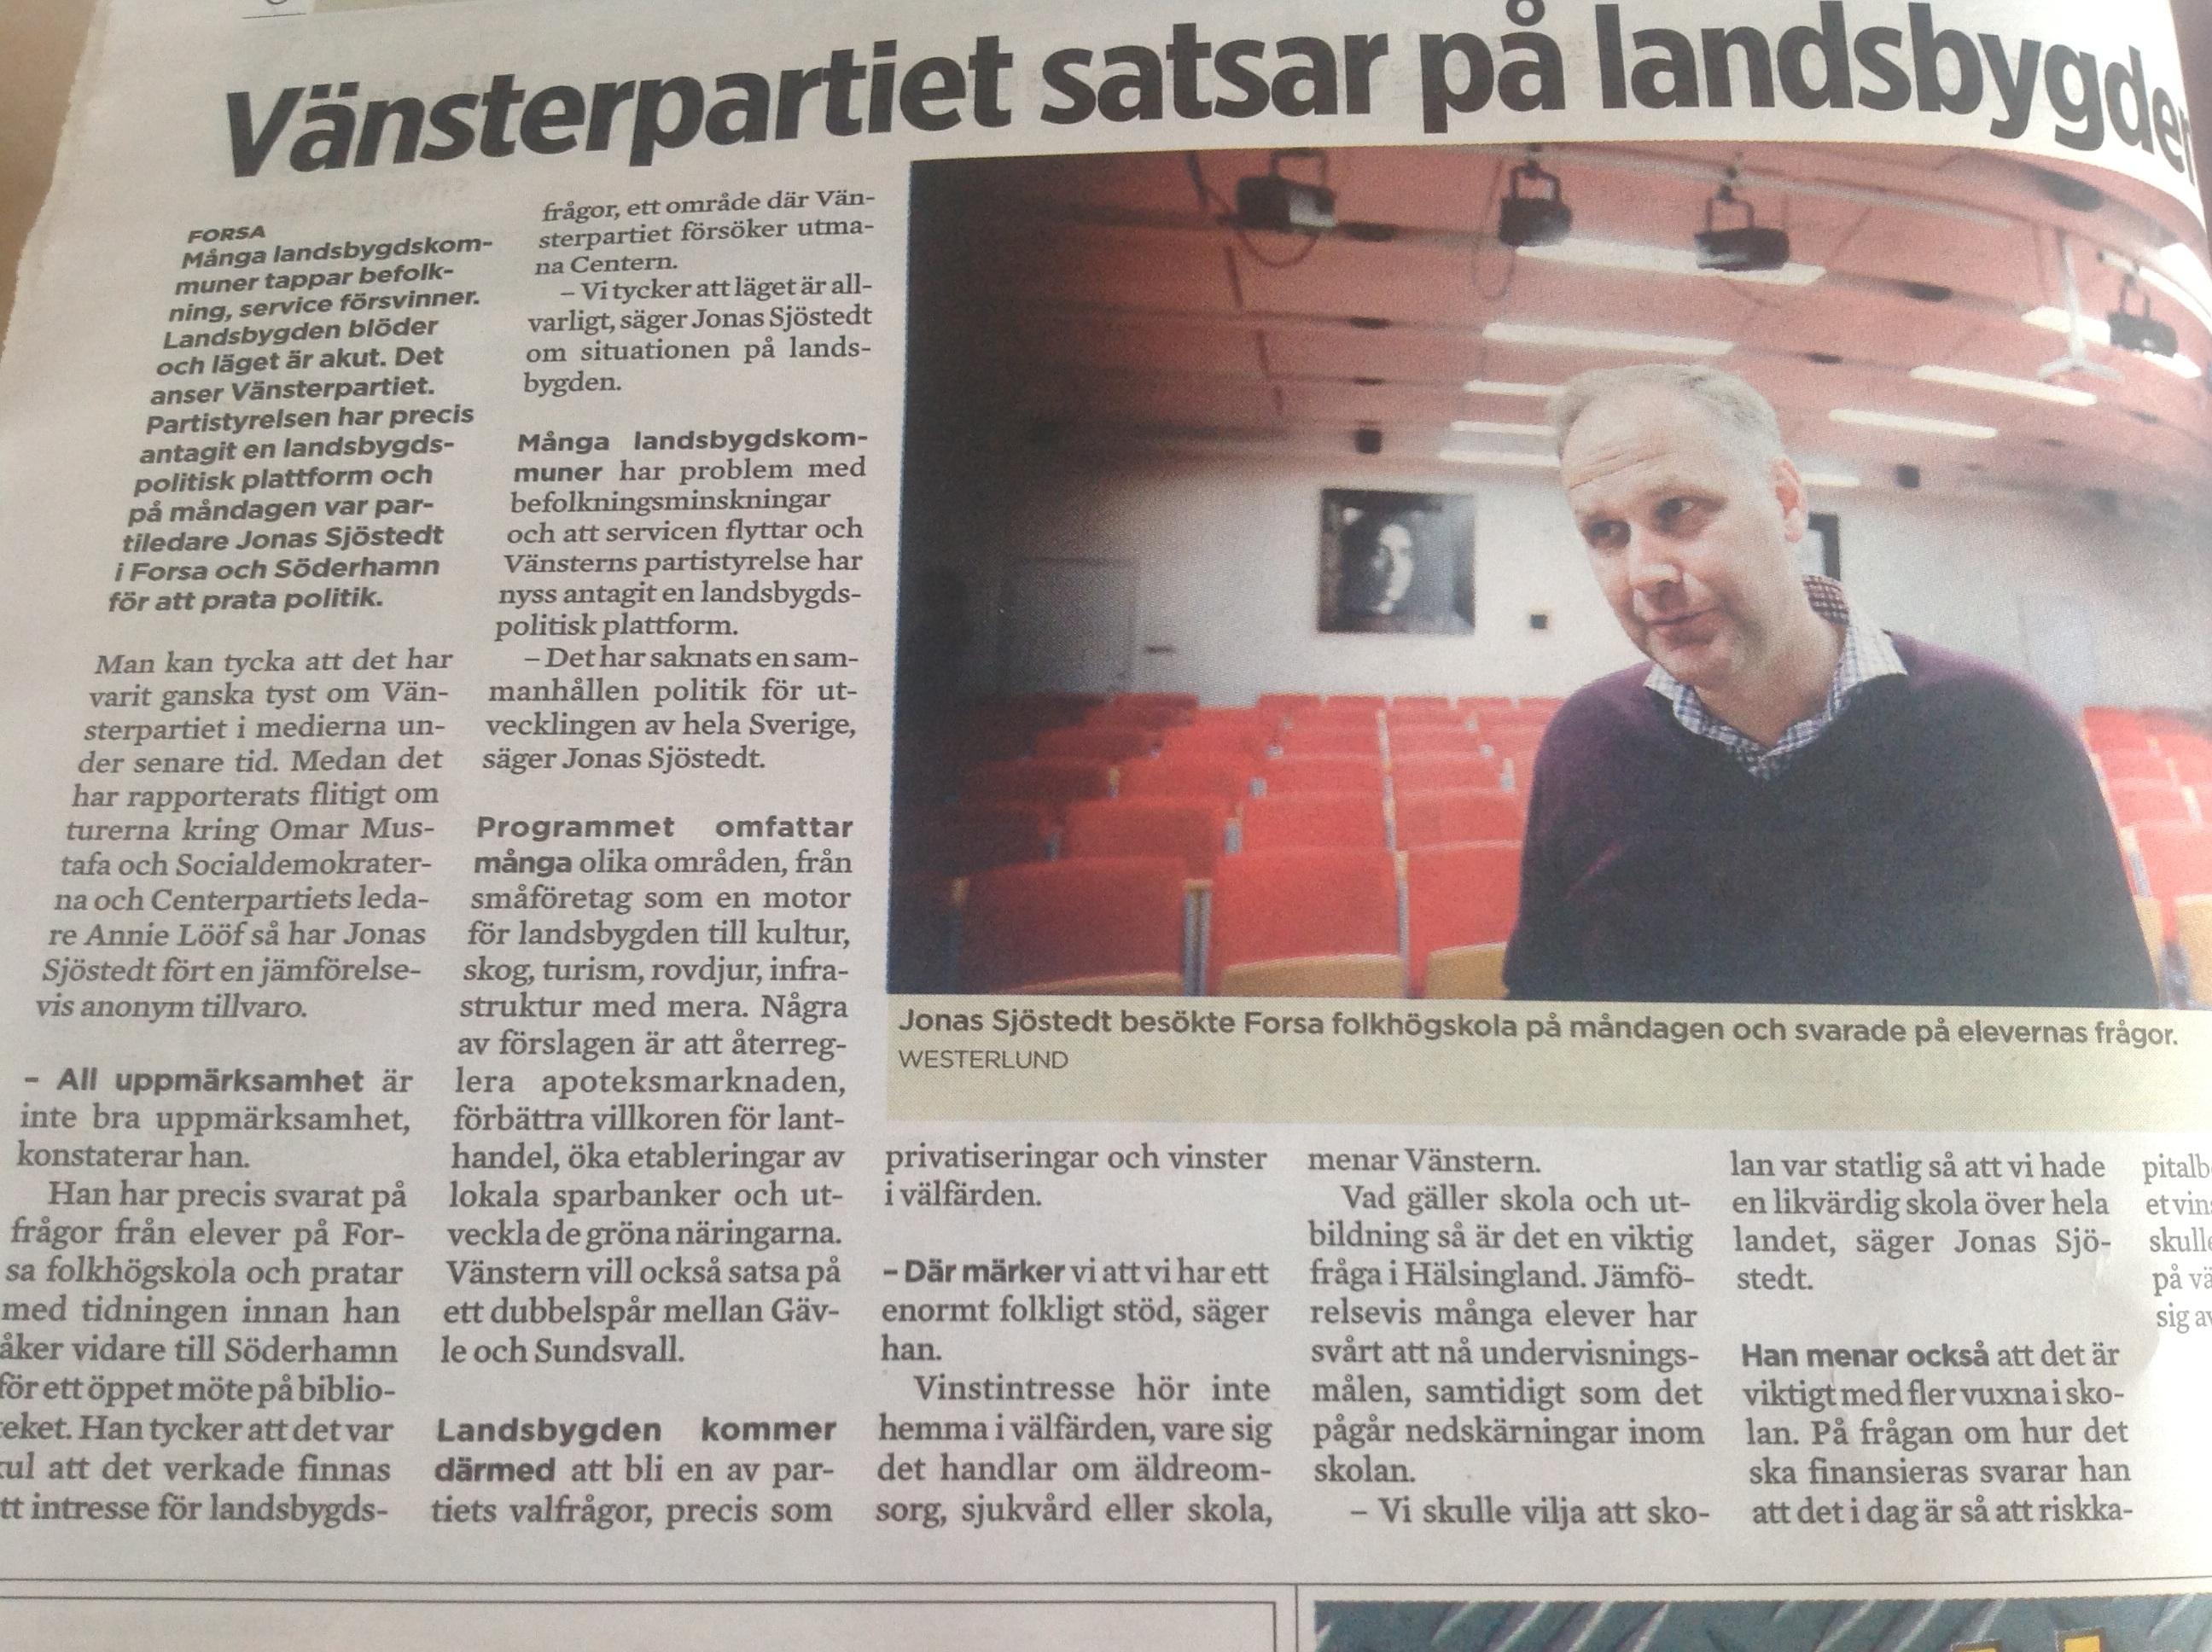 Ht-artikel om Sjöstedts besök